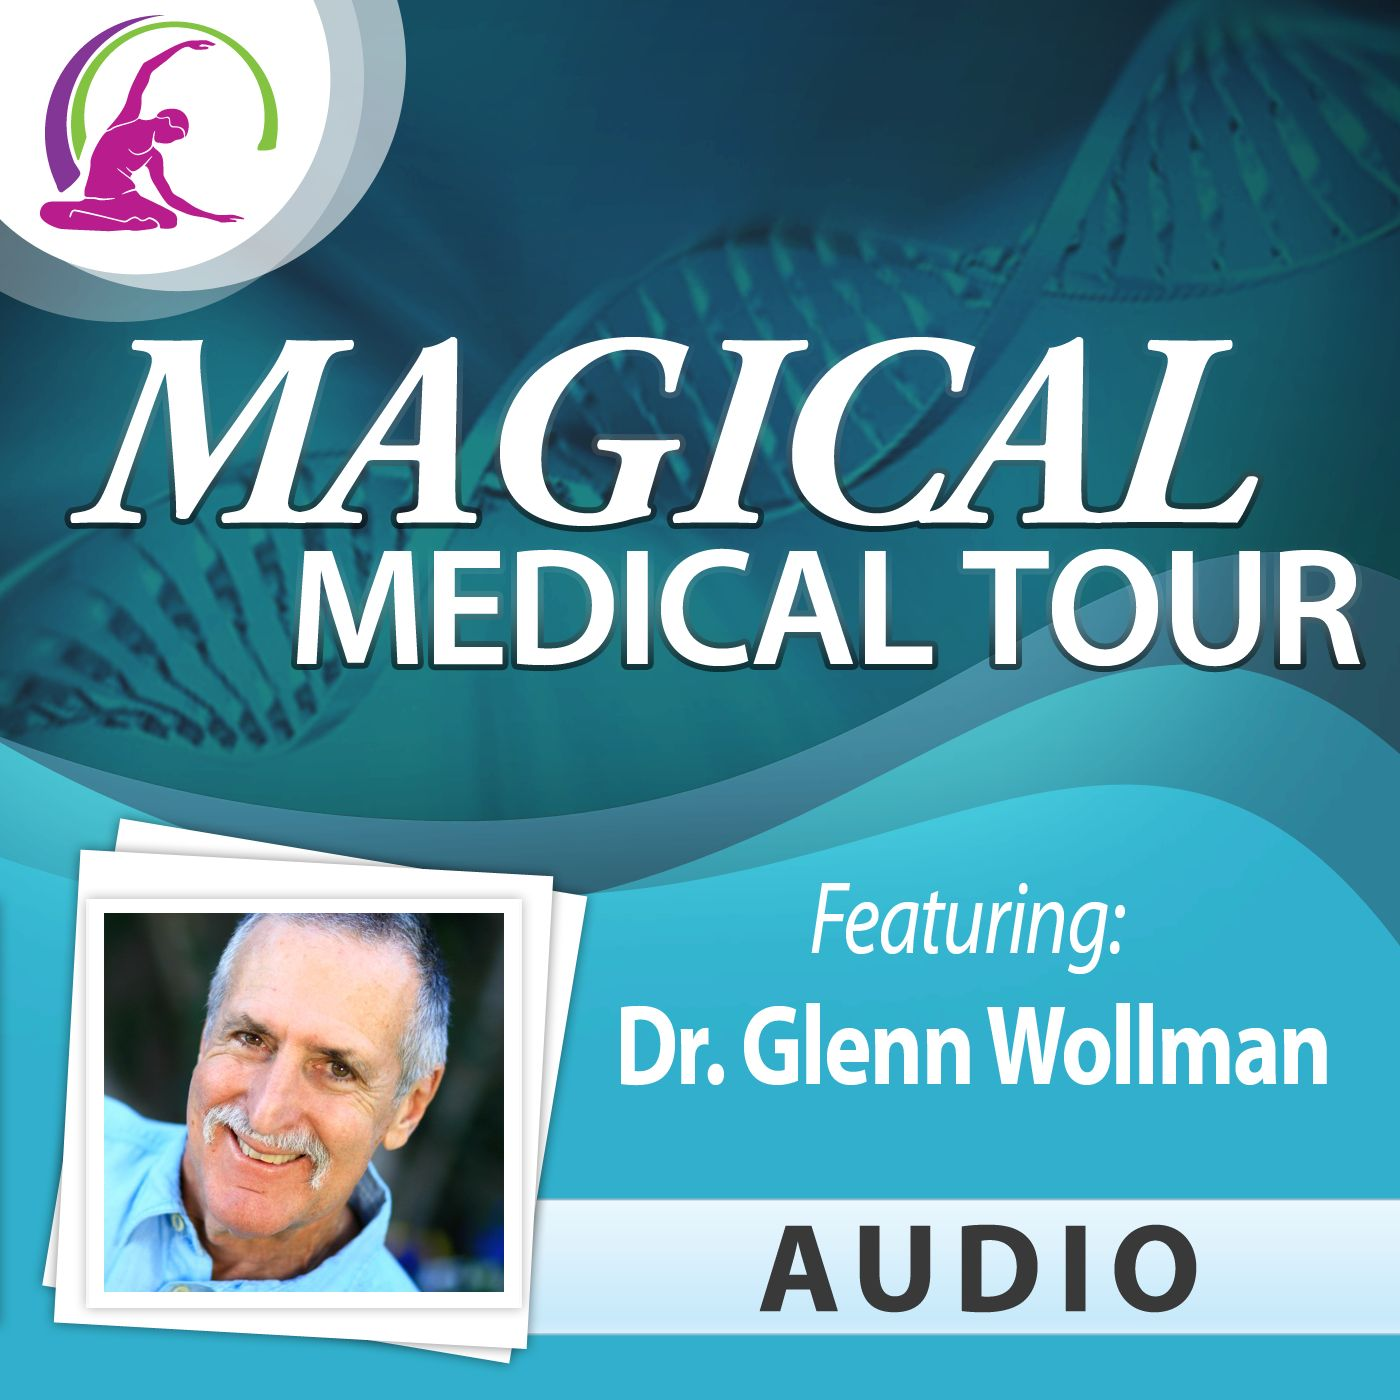 Magical Medical Tour (audio)